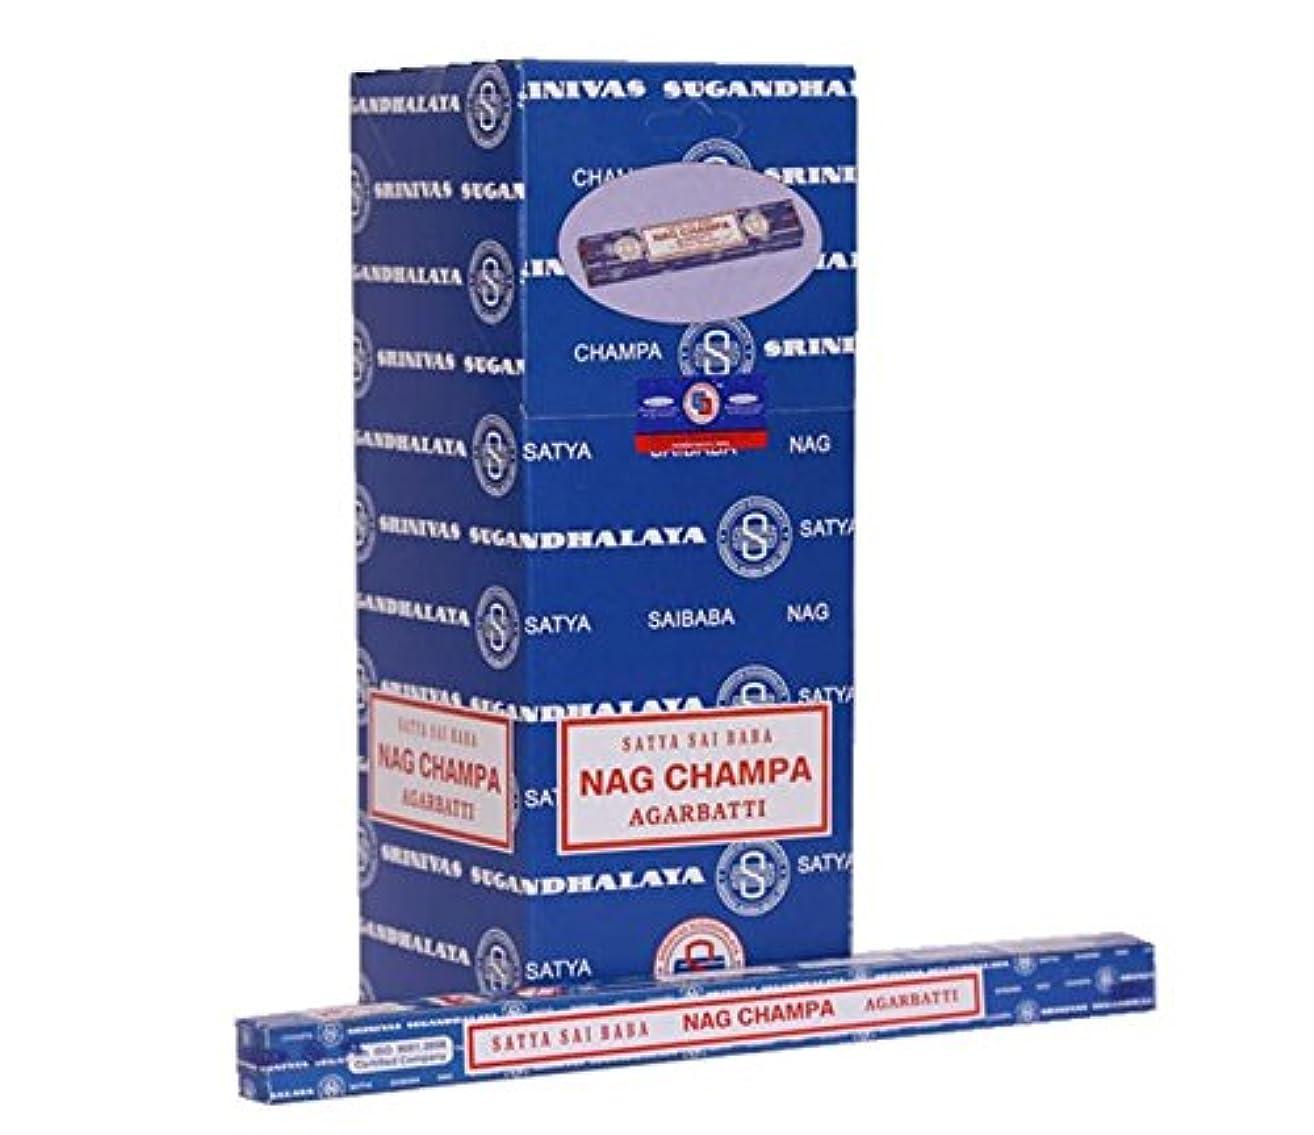 咳剥ぎ取る命題SAI BABA Nag Champa Satyaお香250グラム| 25パックの10グラム各in aボックス|エクスポート品質